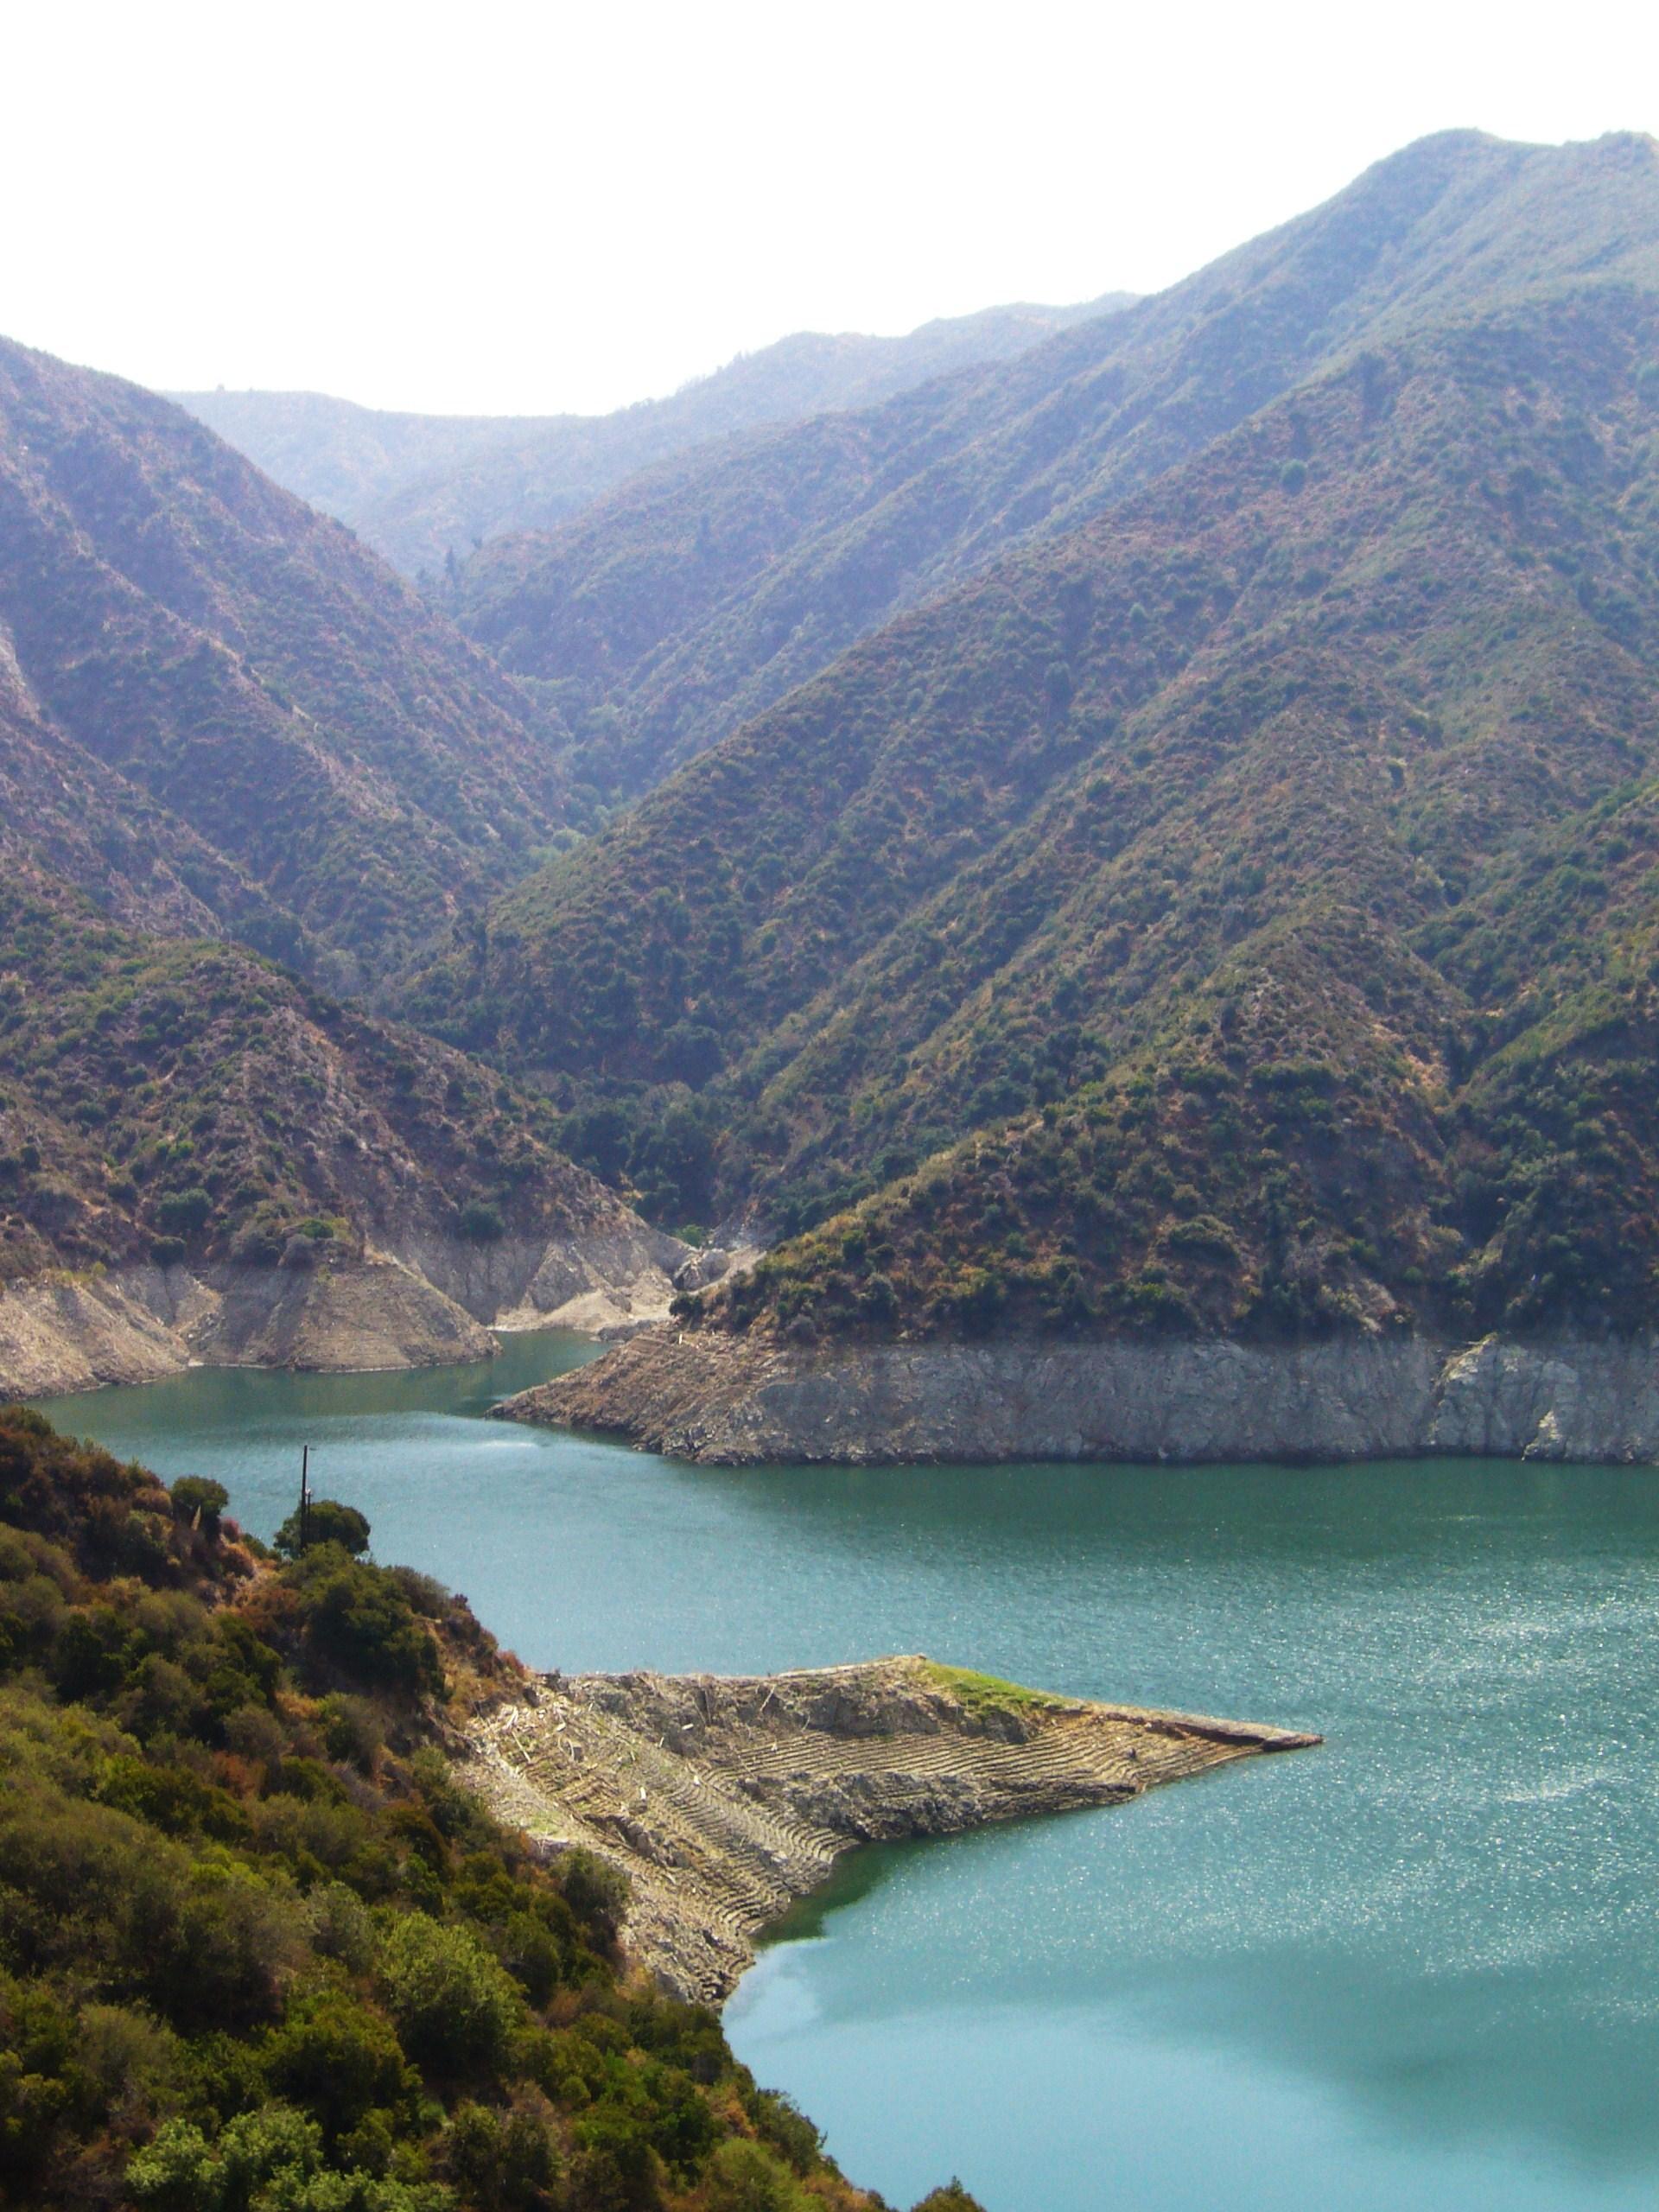 Description reservoir in the san gabriel mountains